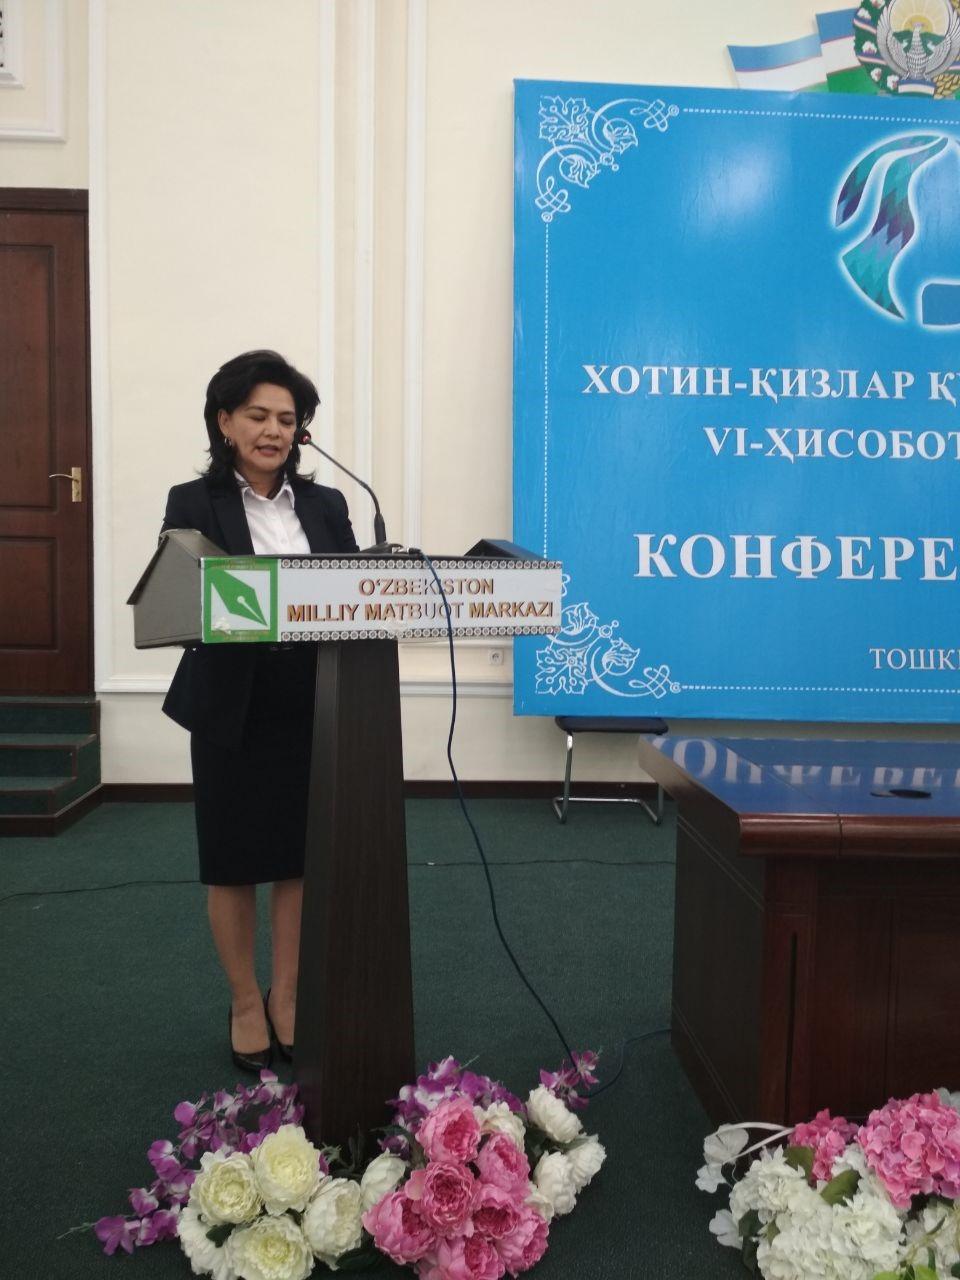 Shayhontoxur tuman xotin-qizlar qo'mitasining VI-hisobot saylov konferensiyasi